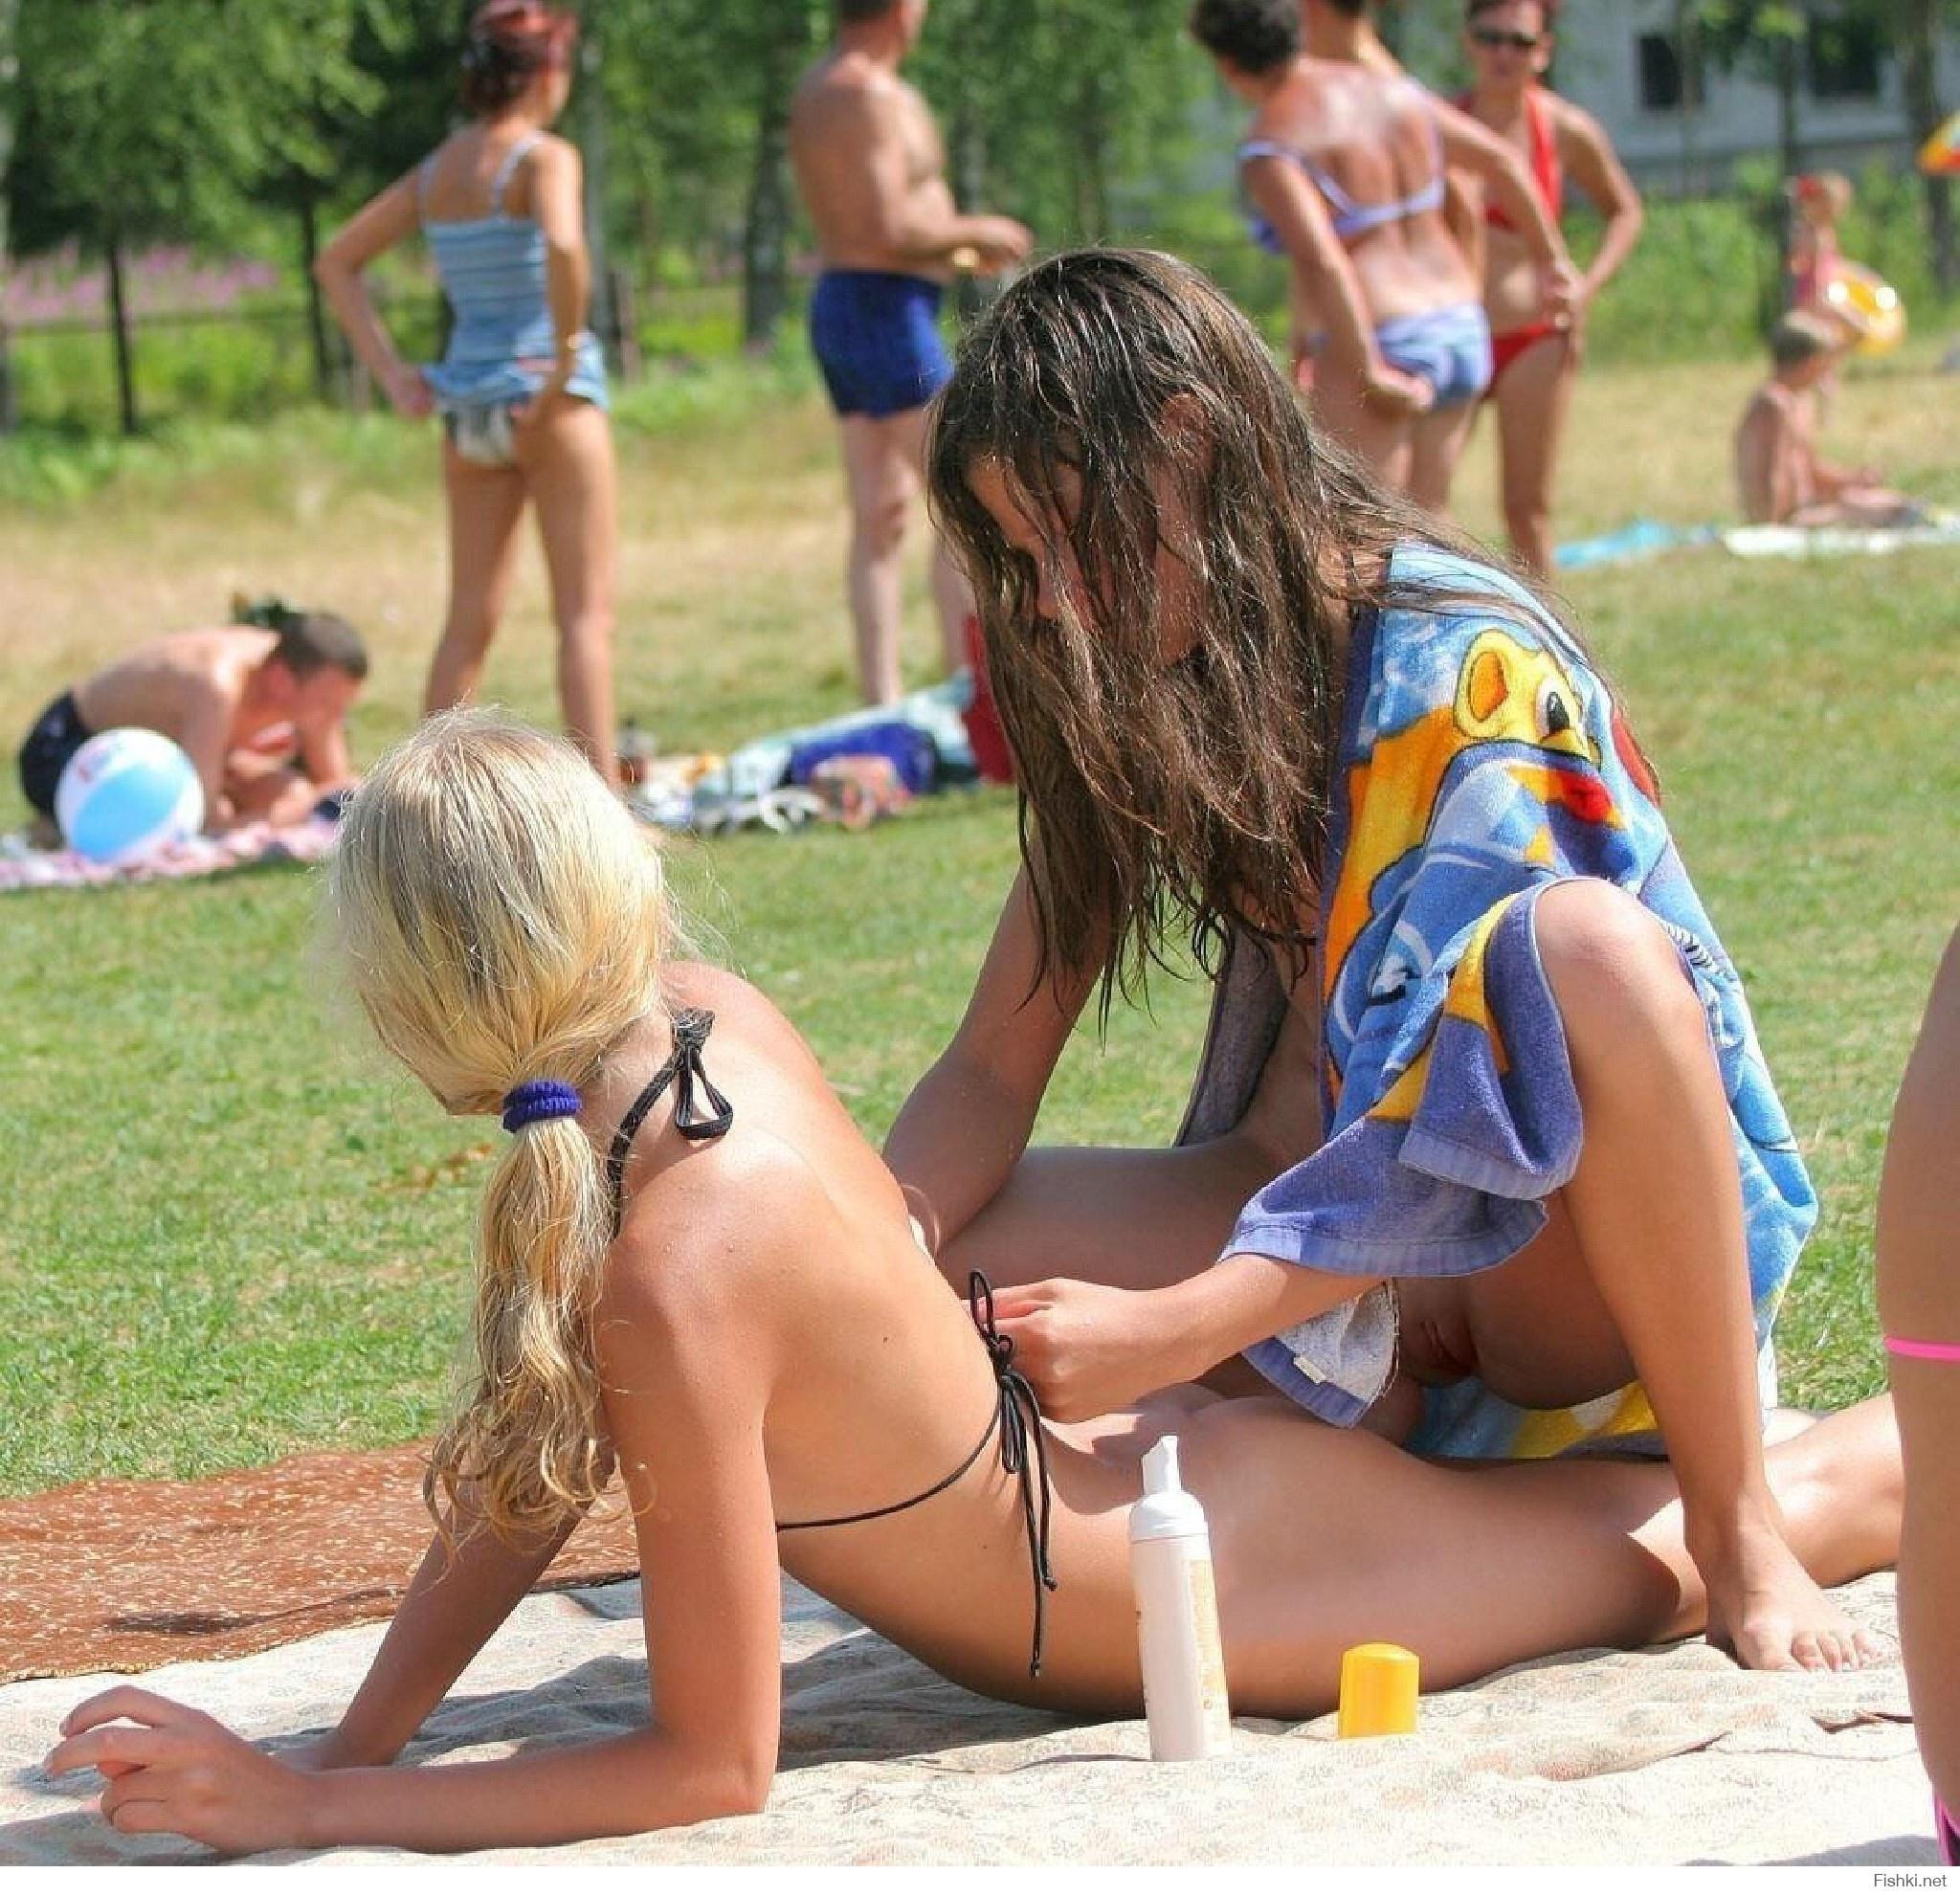 Naked, в белье, на пляже. в этой подборке вы найдете все что вам по душе